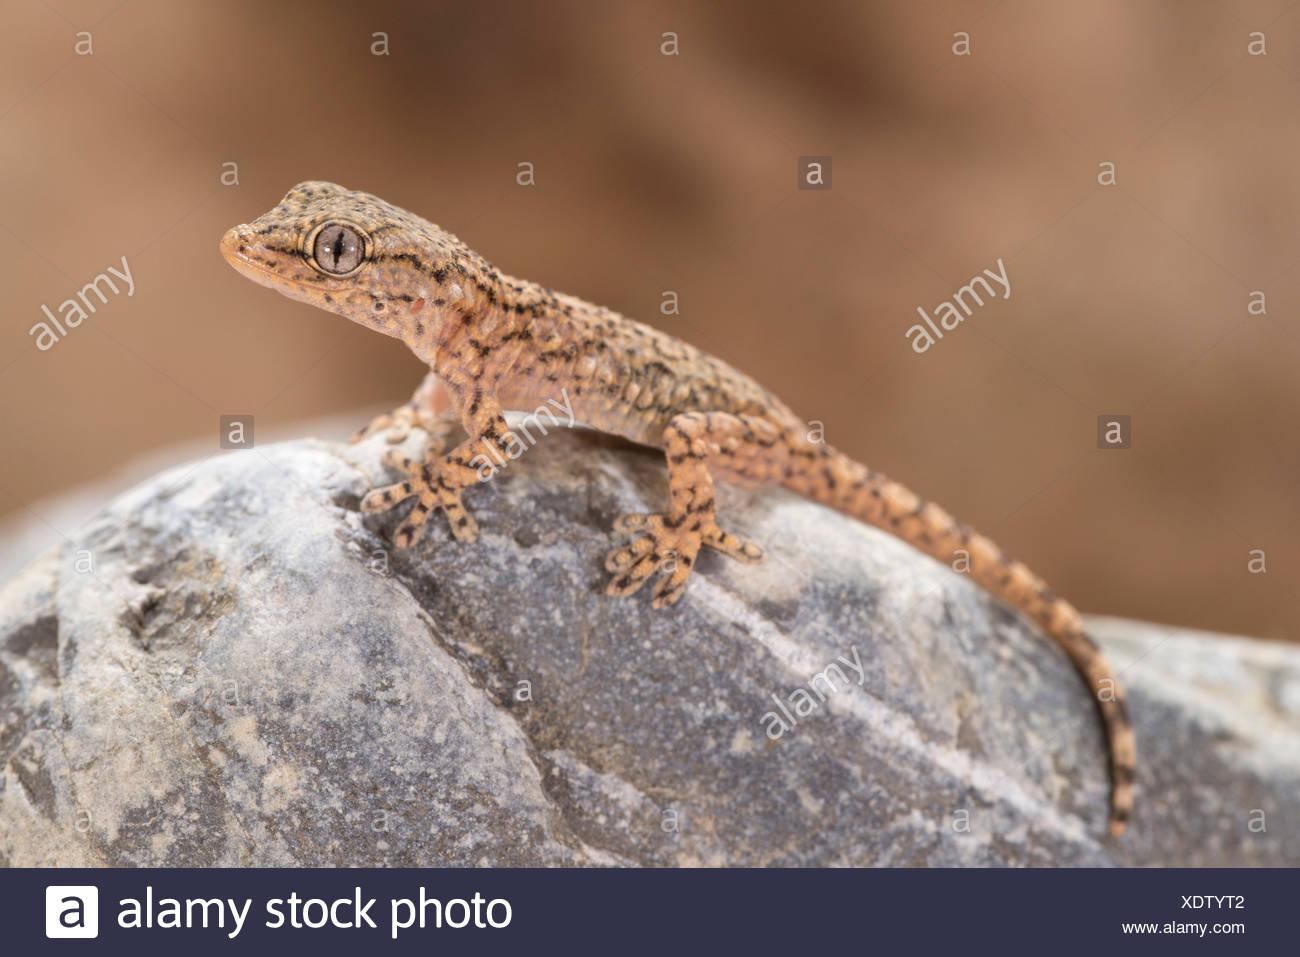 I capretti esemplare di geco comune appartenenti alla specie Tarentula mauritanica Immagini Stock